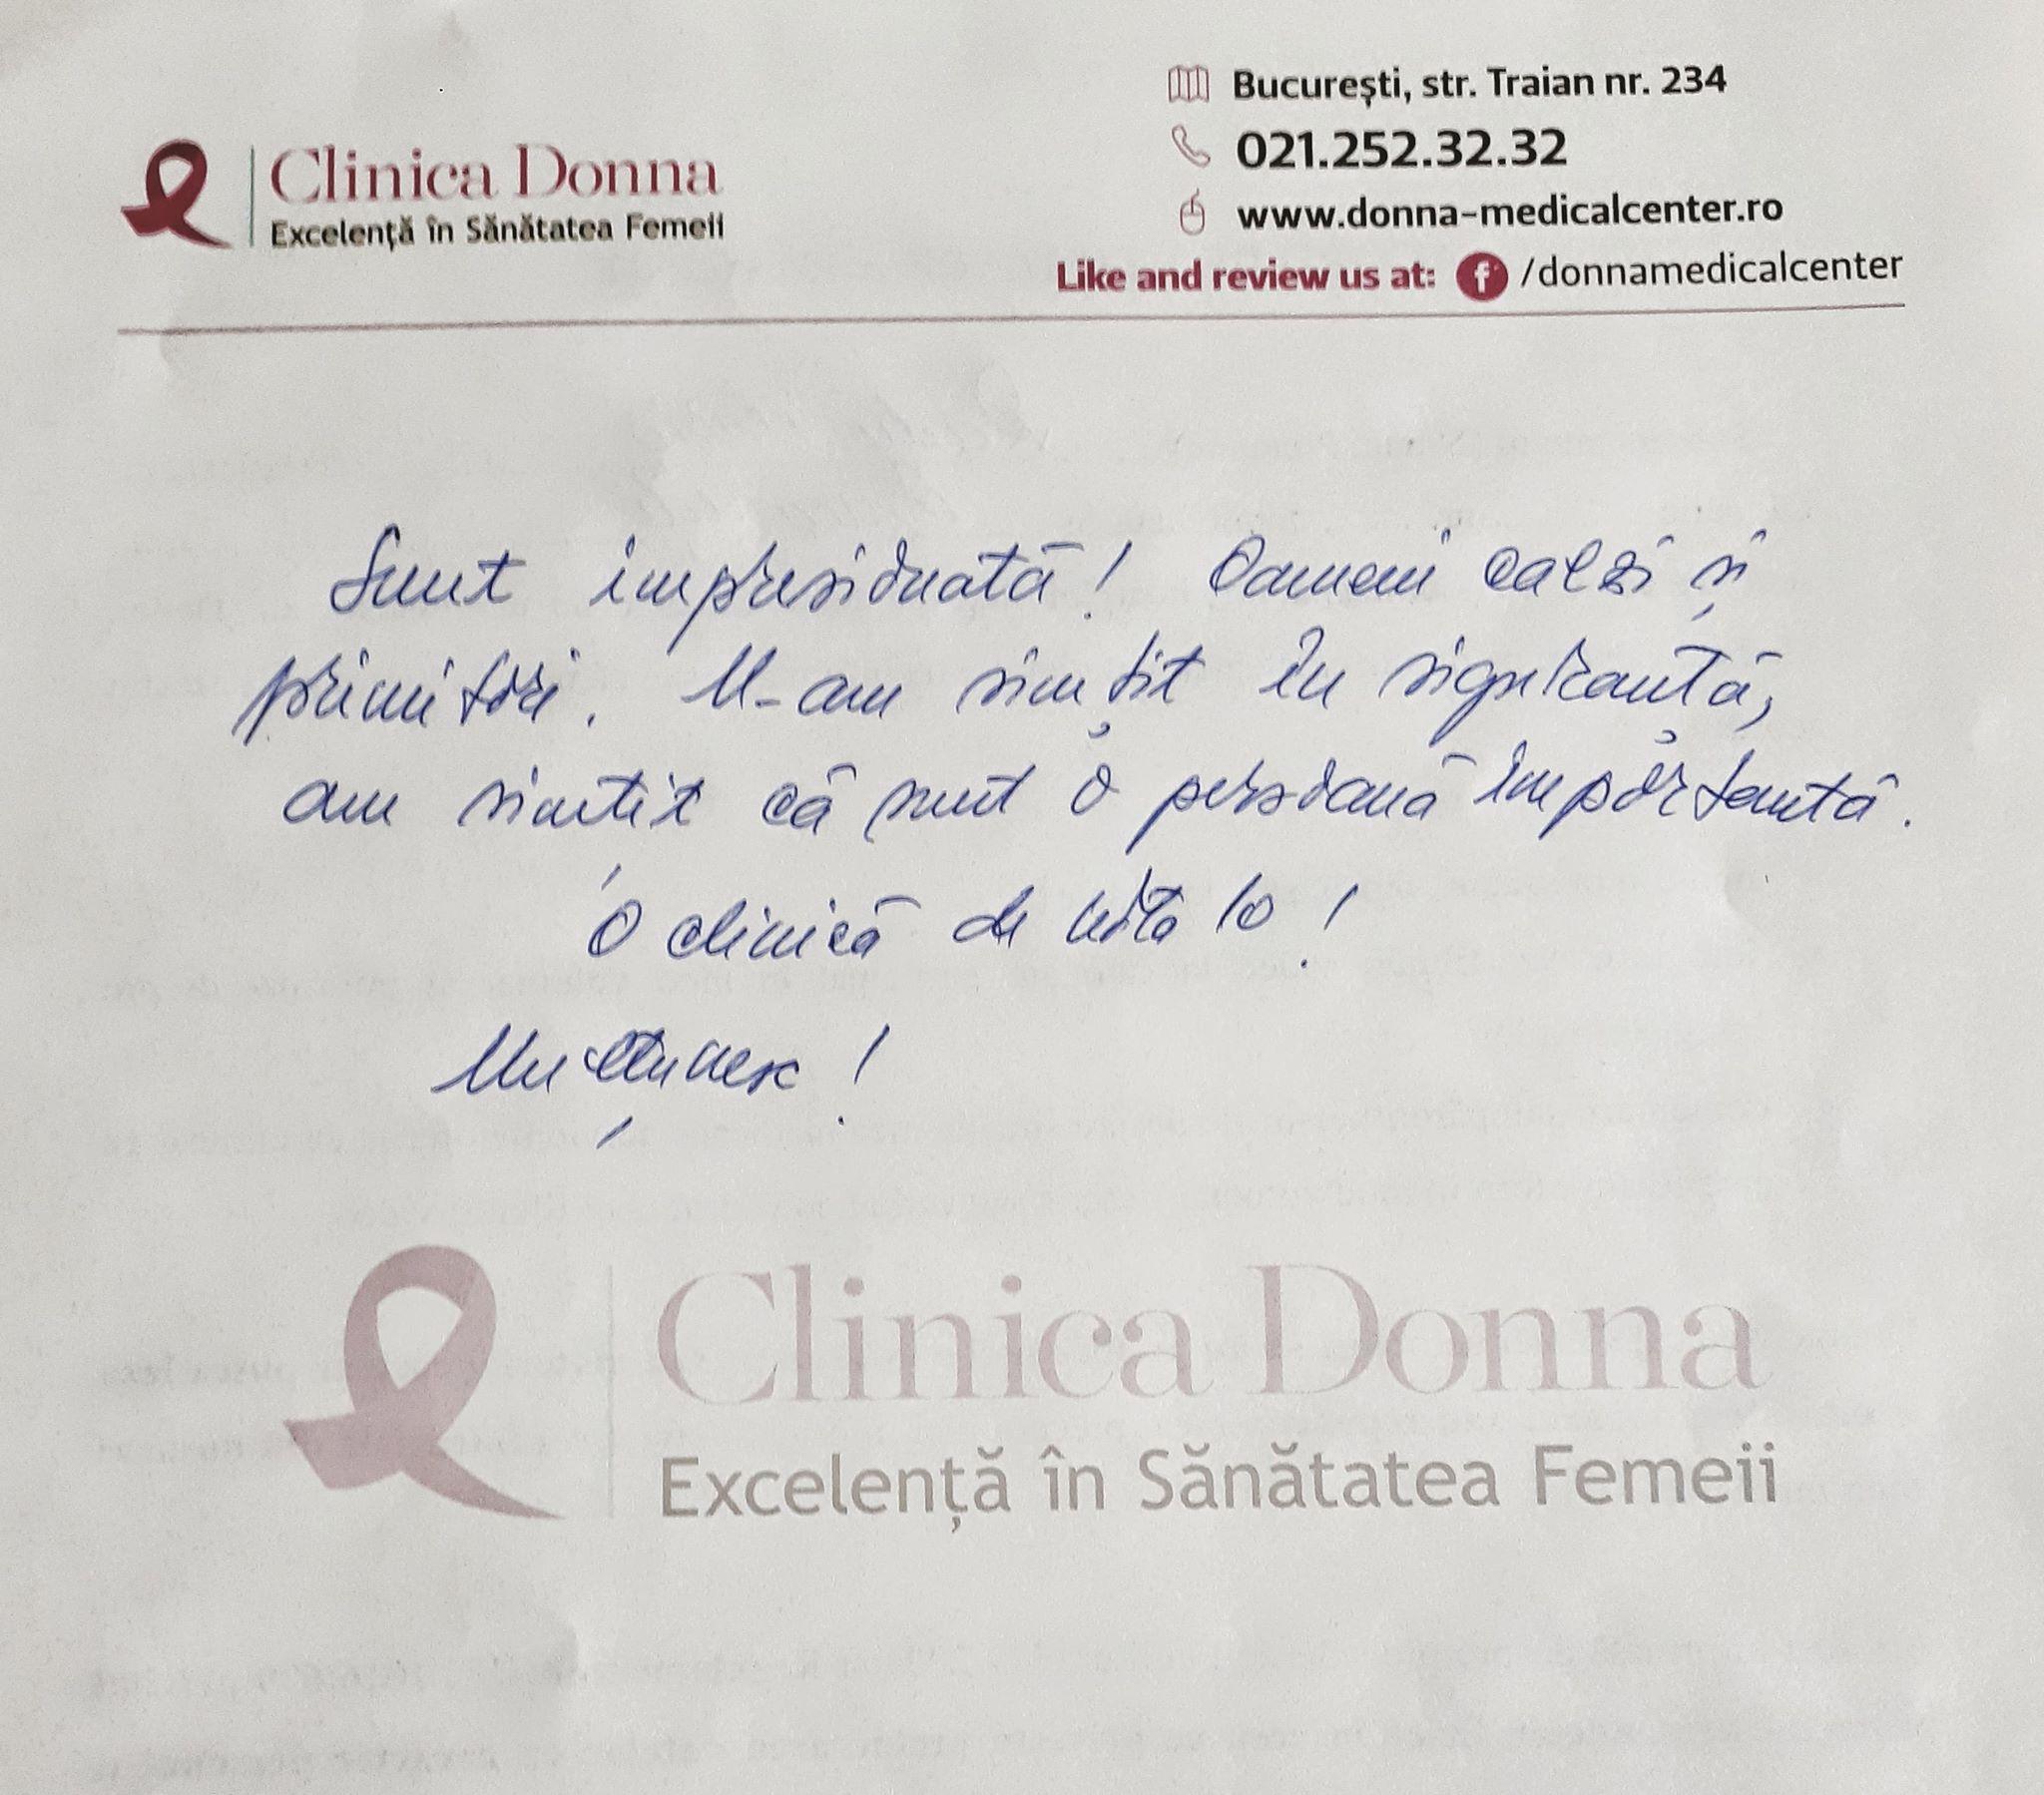 """Radu Maria, Campania socială """"Ziua Șanselor la Viață"""", 03.11.2018"""